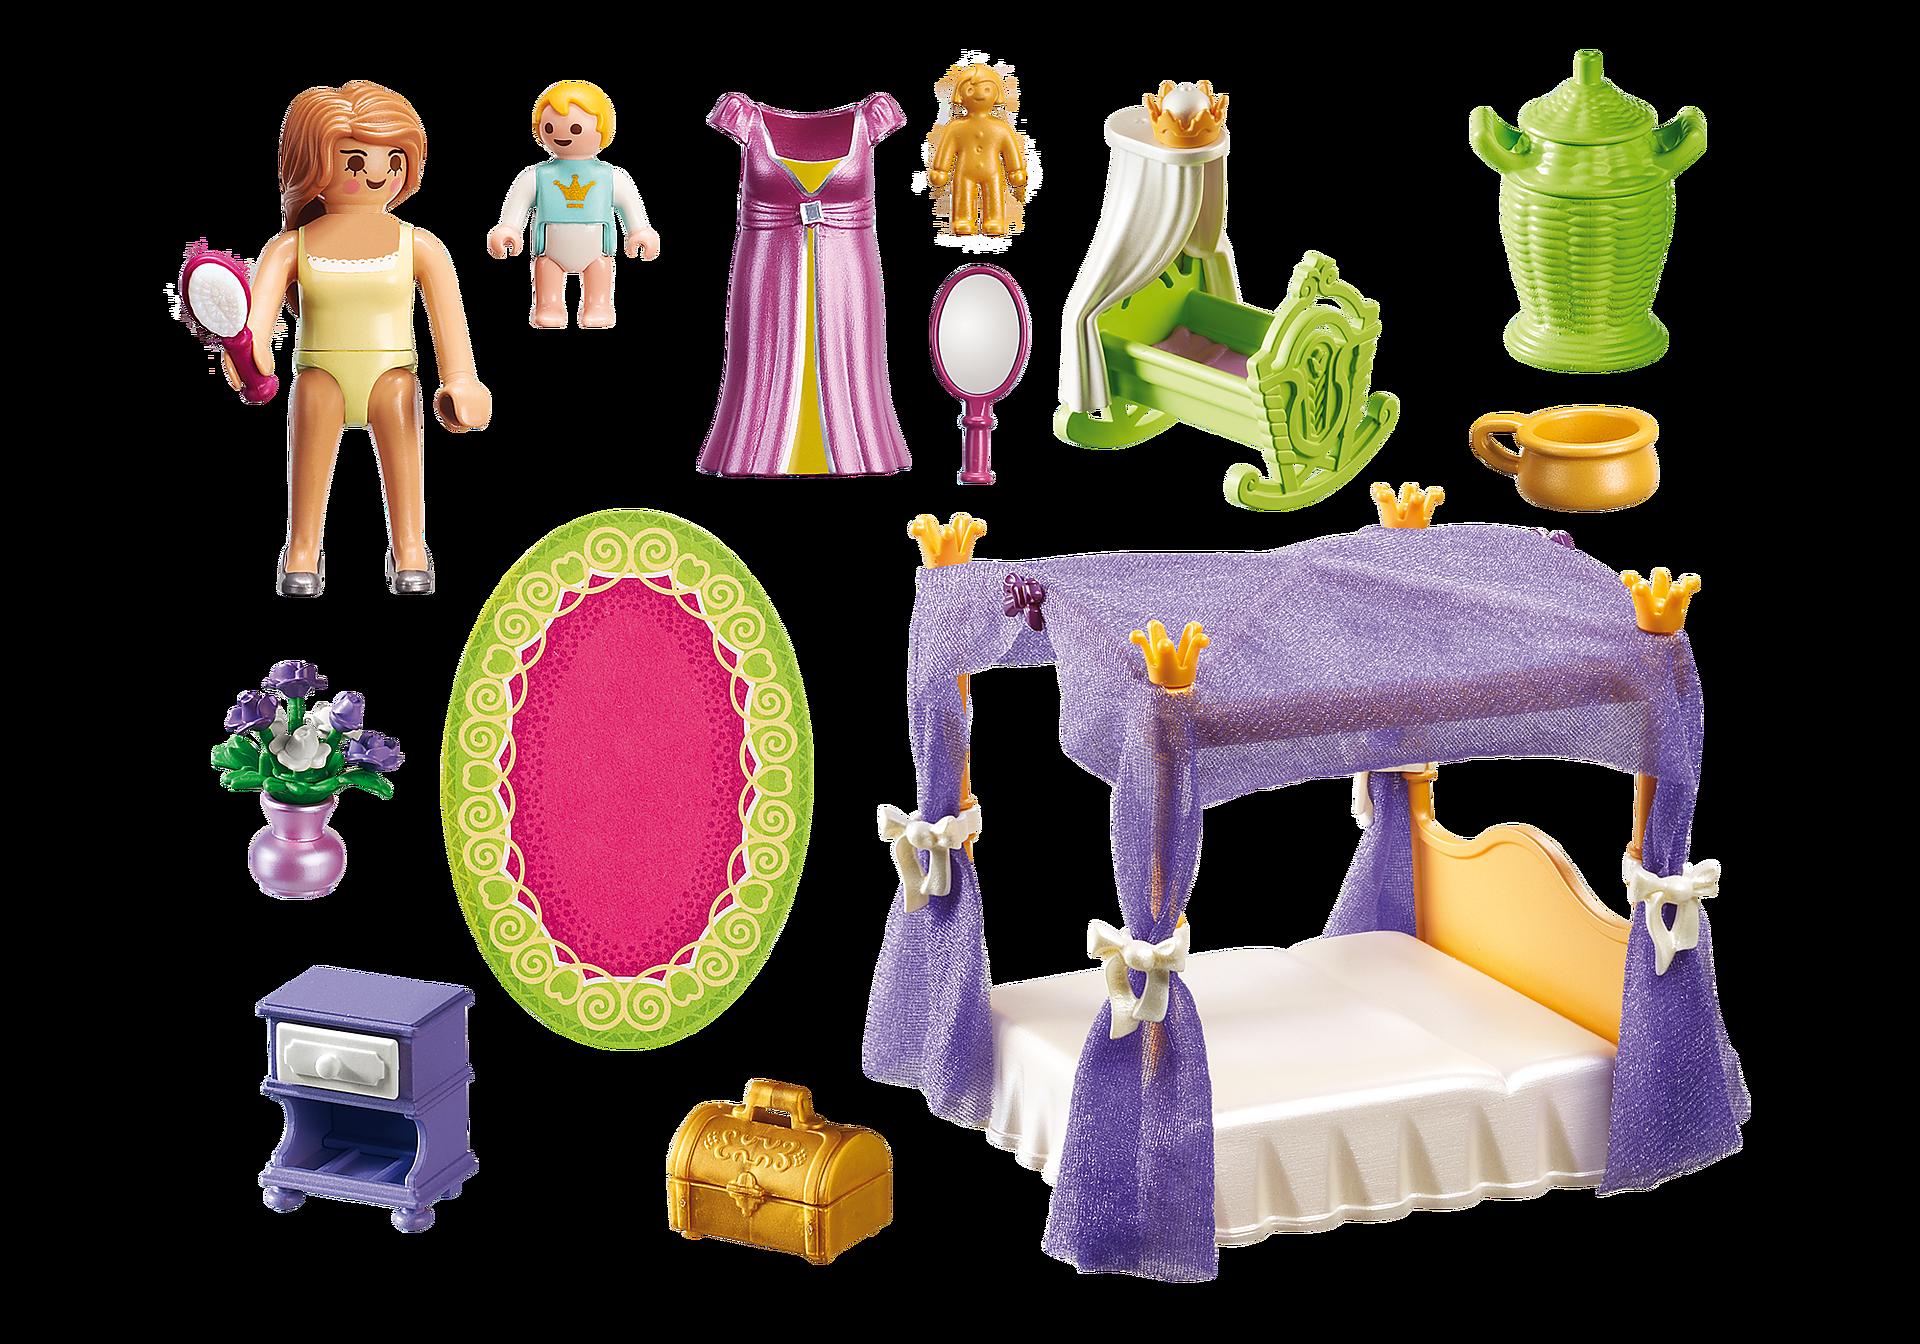 6851 Замок Принцессы: Покои Принцессы с колыбелью zoom image4